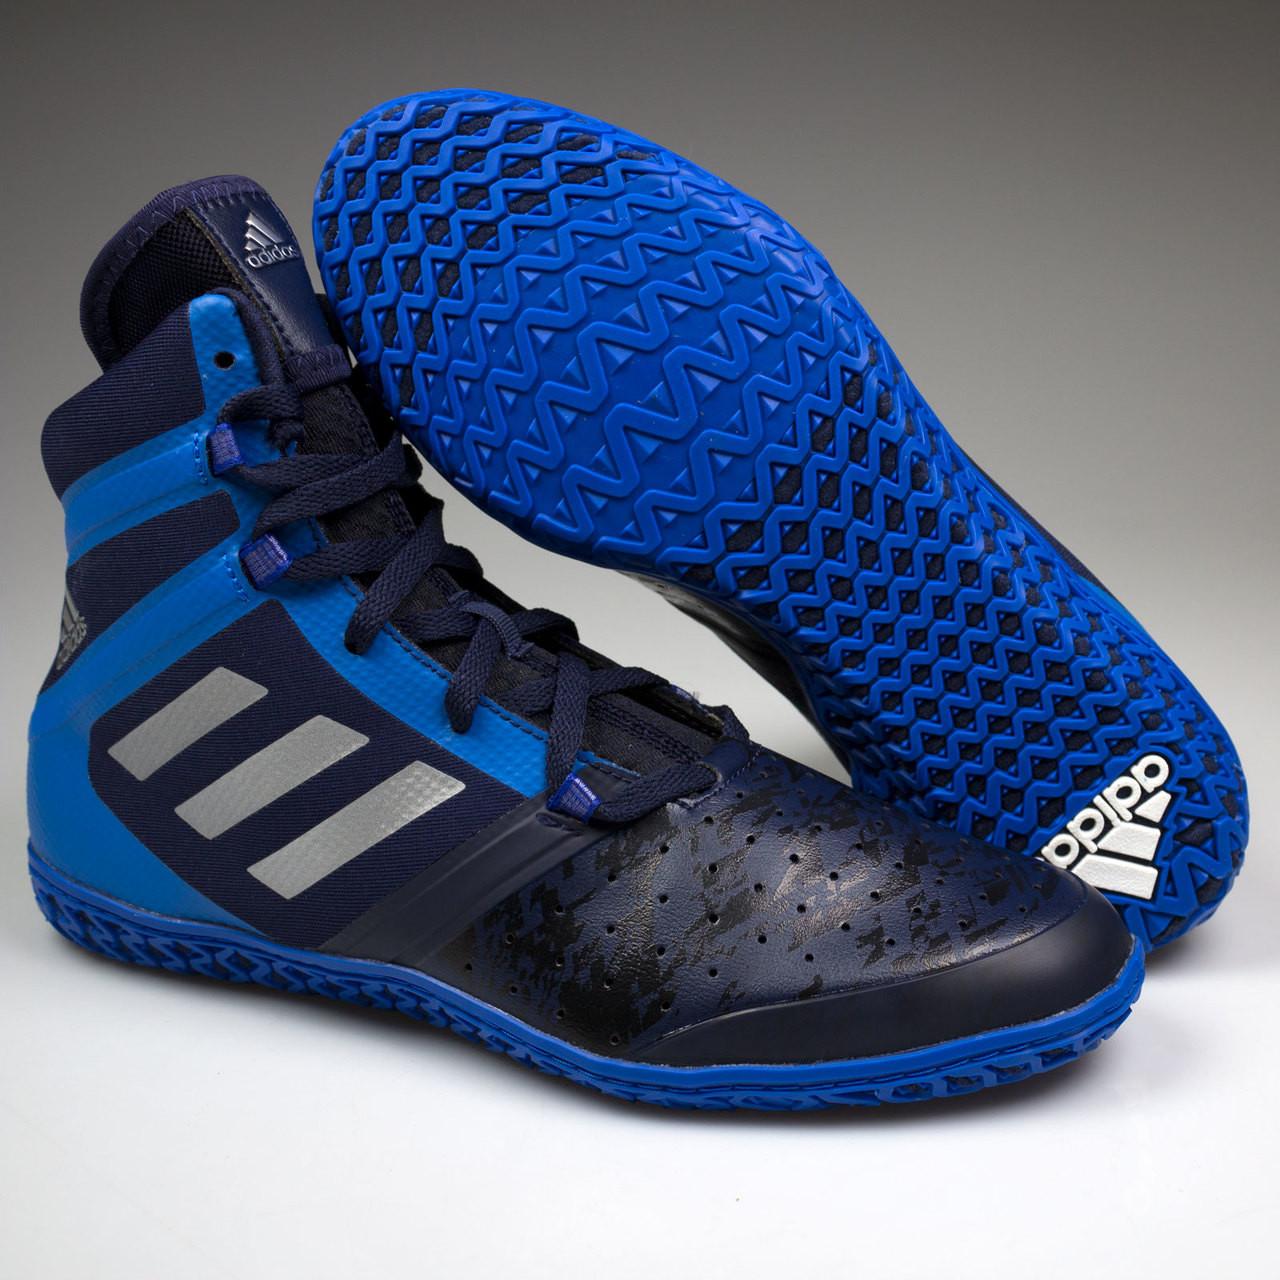 1e4d02c76e8 ... Adidas Impact Senior Wrestling Shoes AQ3318 - Navy